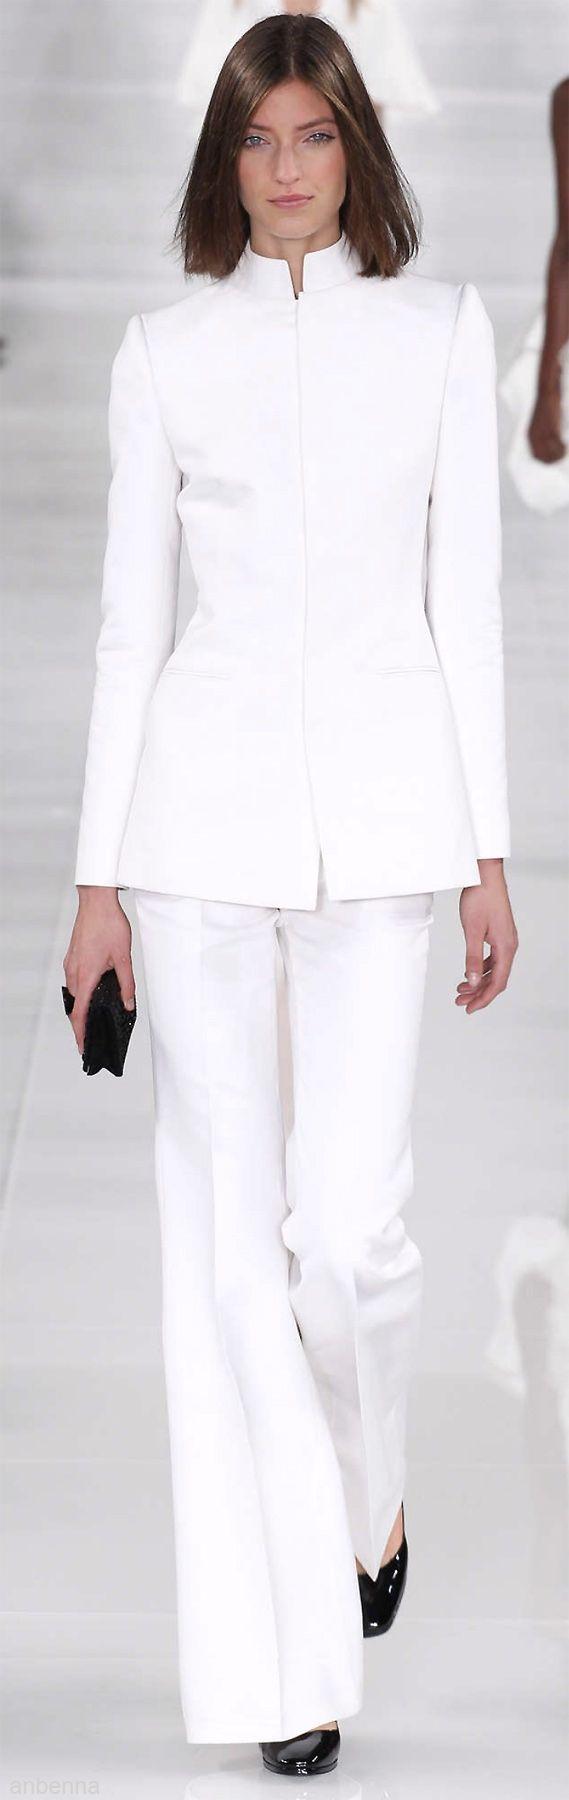 Ralph Lauren ~ White Long Sleeve Tunic Style Jacket w Slender Trouser